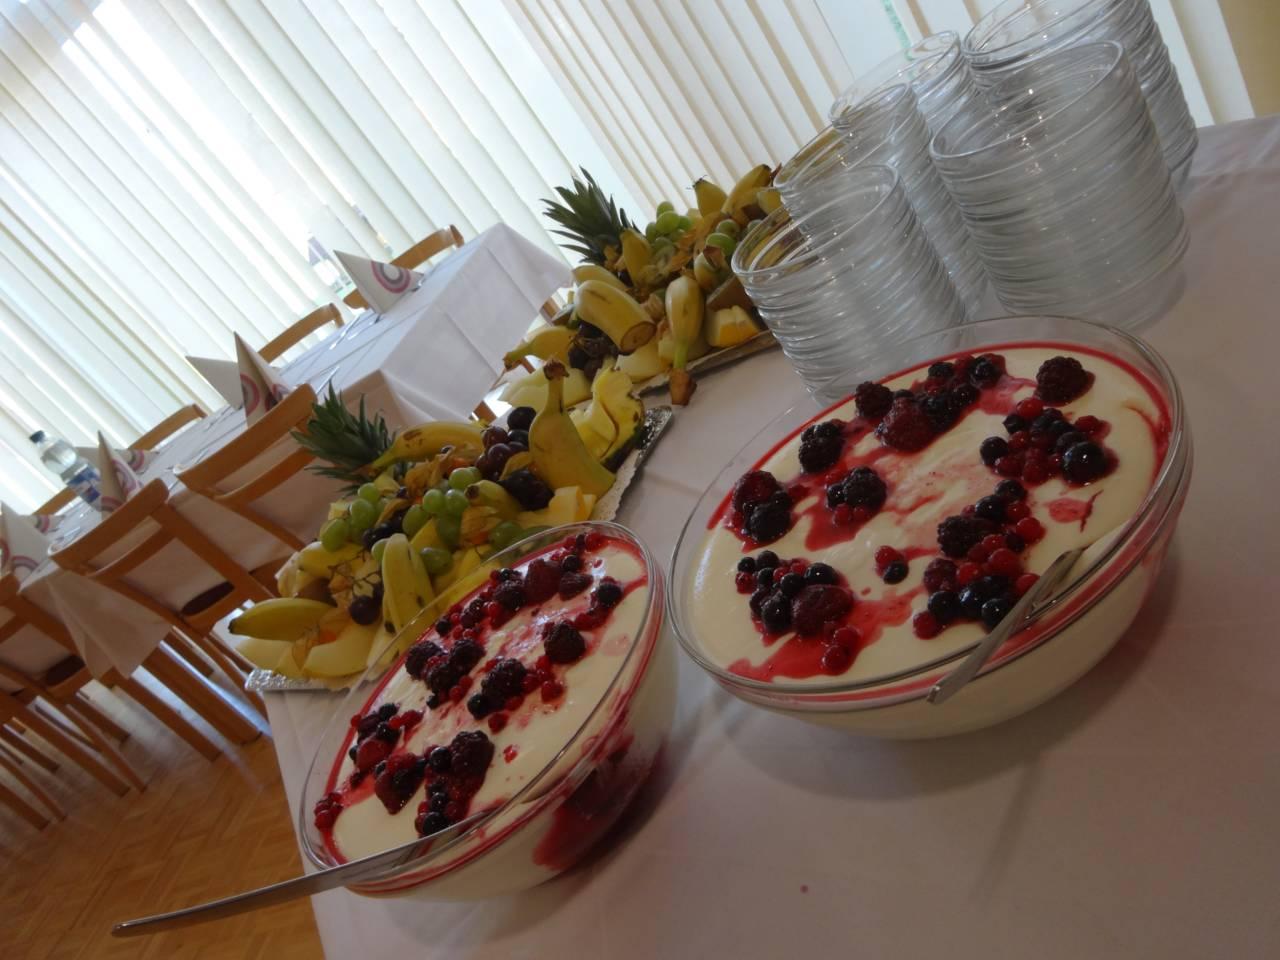 Buffet-Nachtisch mit Frucht-Joghurt, Obstplatte mit Ananas, Melone, Trauben, Bananen u.a.